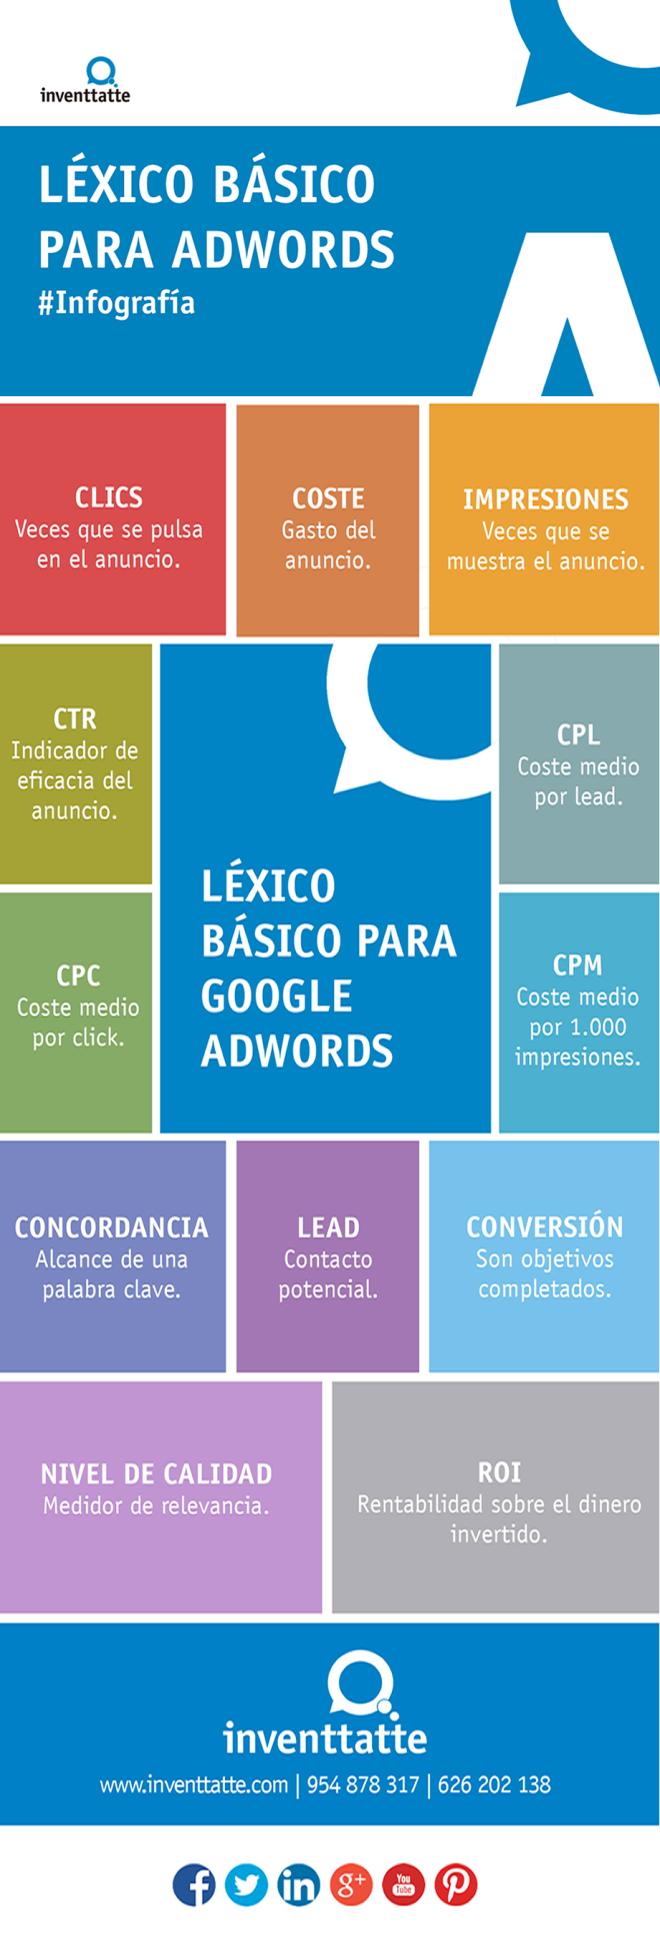 Léxico básico para Google Adwords